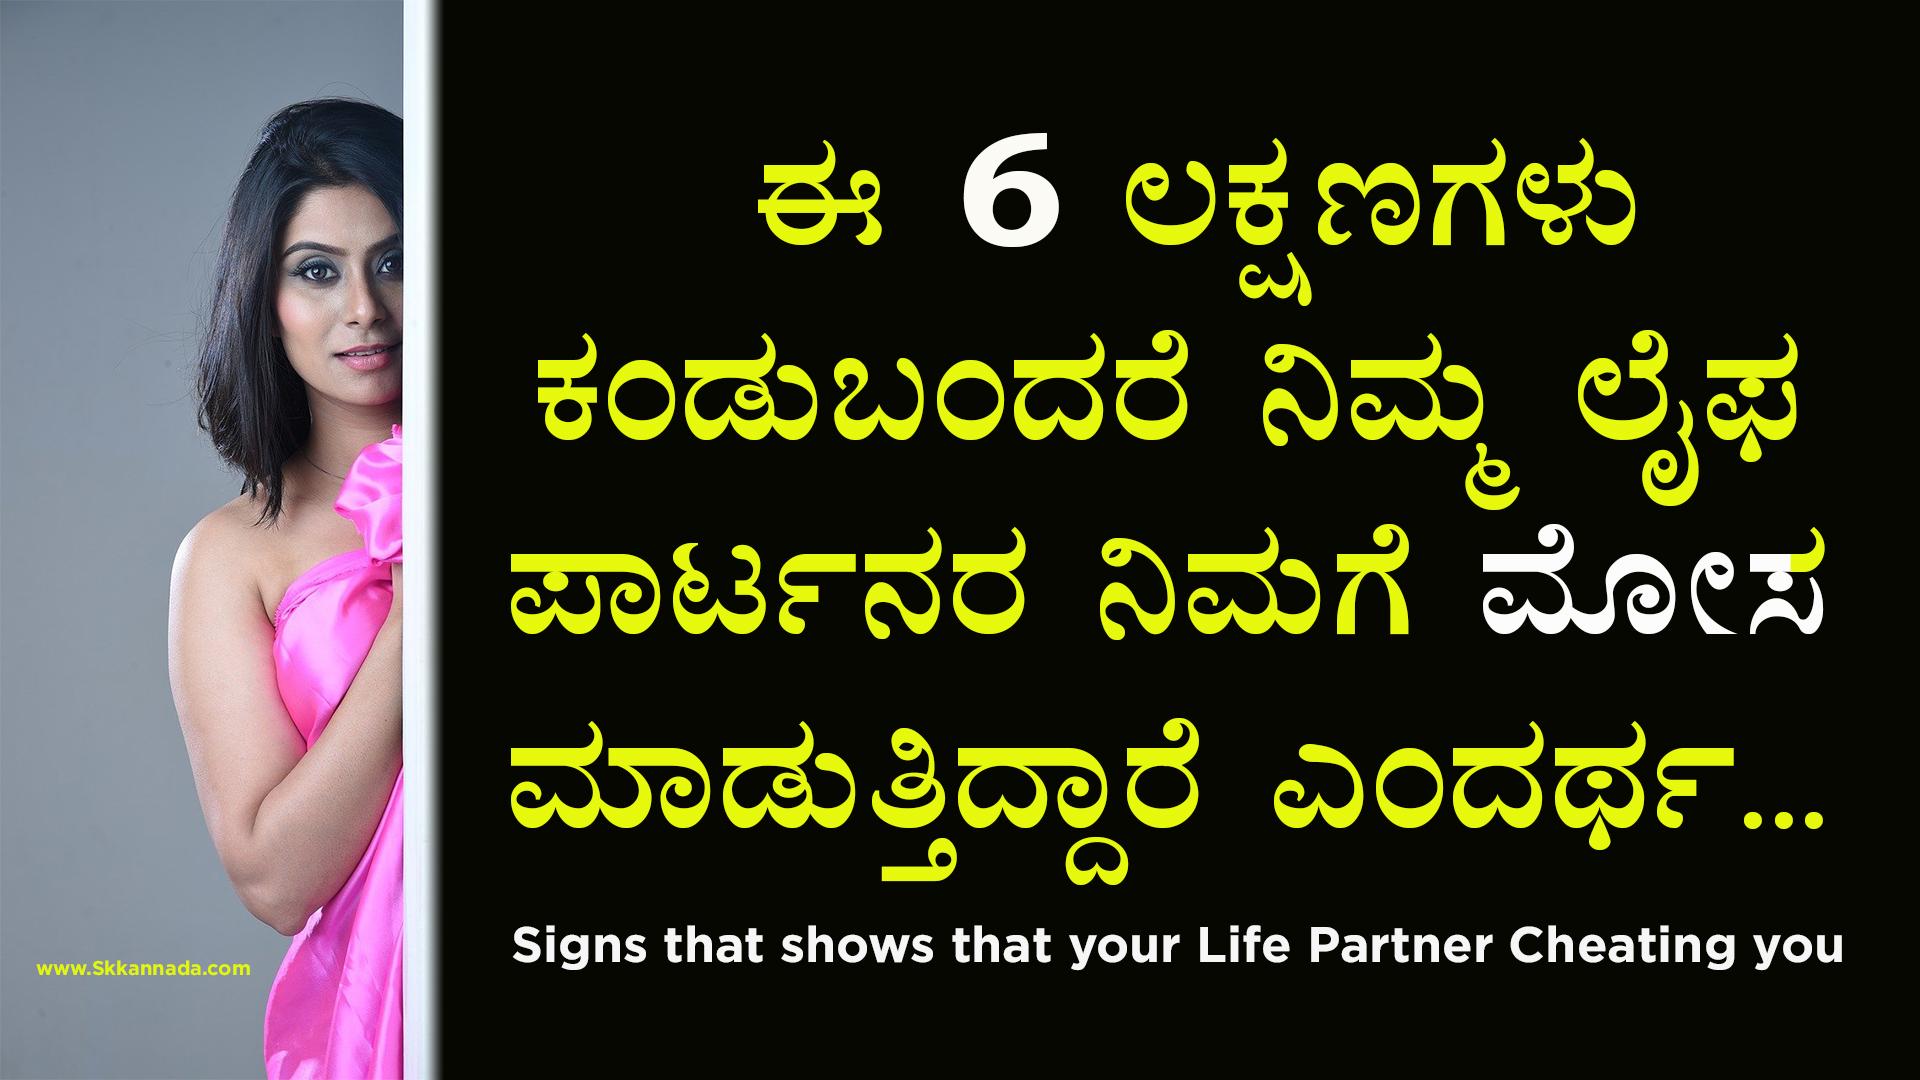 ಈ 6 ಲಕ್ಷಣಗಳು ಕಂಡುಬಂದರೆ ನಿಮ್ಮ ಲೈಫ ಪಾರ್ಟನರ ನಿಮಗೆ ಮೋಸ ಮಾಡುತ್ತಿದ್ದಾರೆ ಎಂದರ್ಥ : Signs of Cheating Life Partner